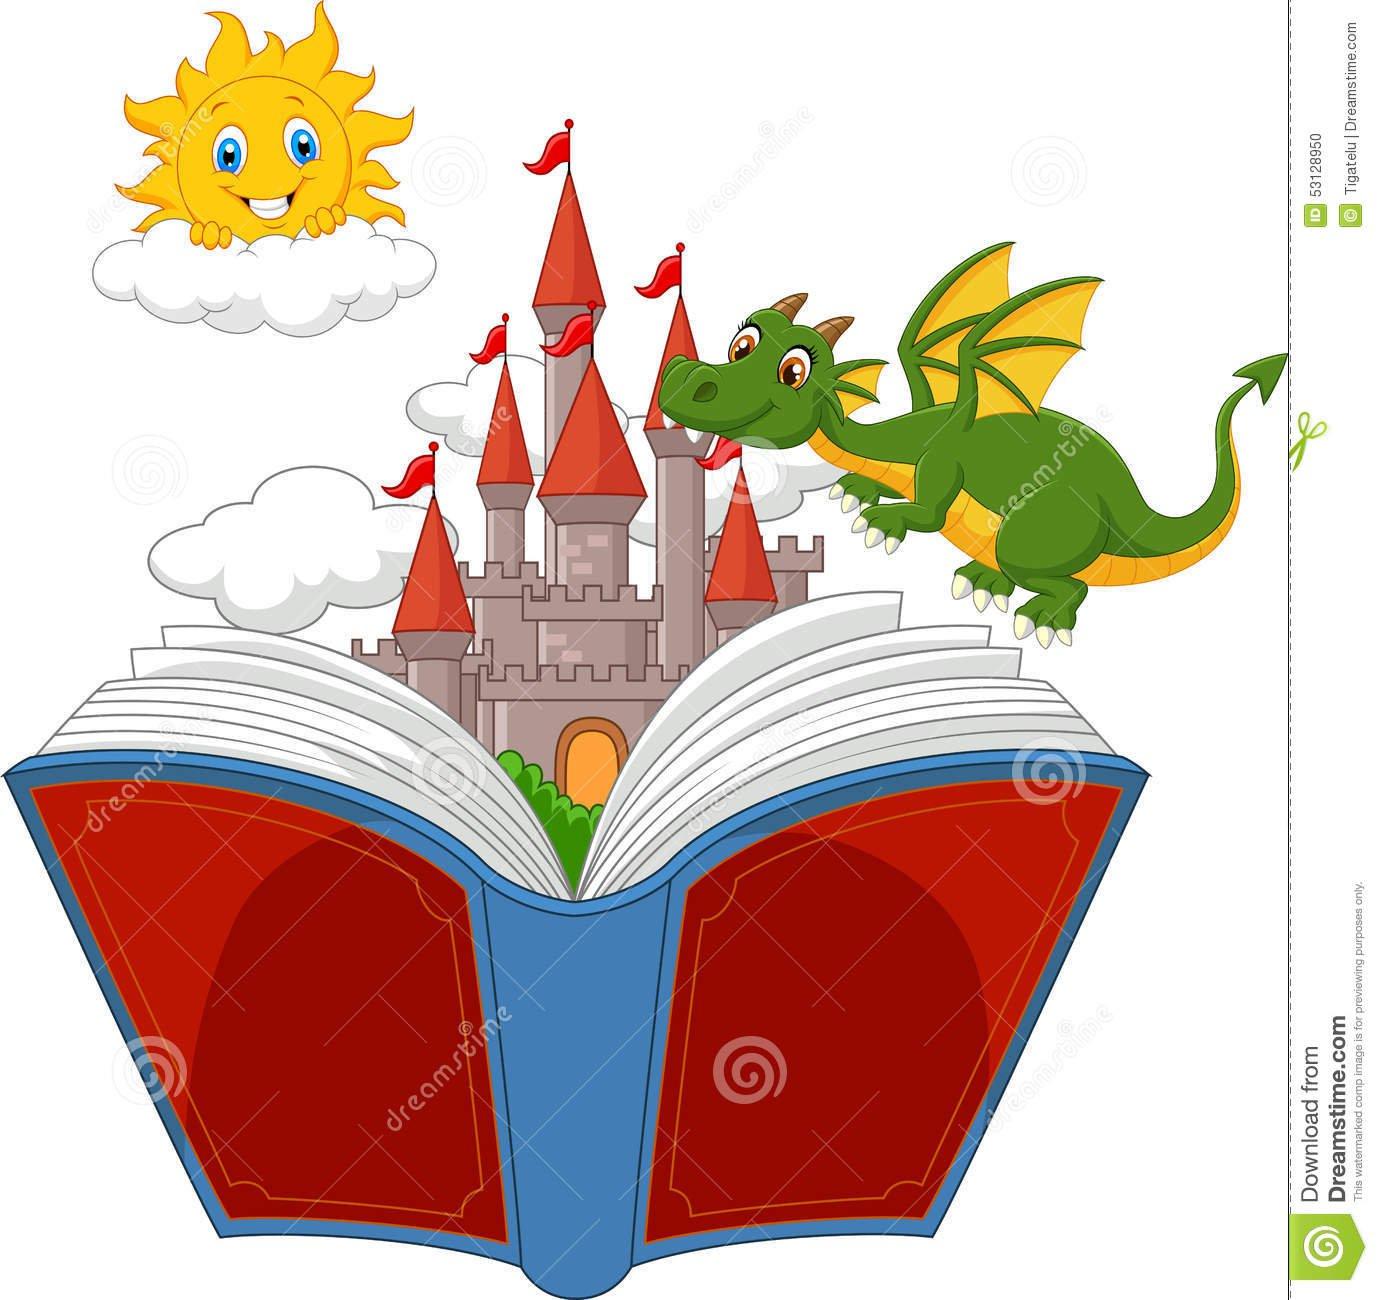 Livro Da História Com Castelo, Dragão E Sol Dos Desenhos Animados